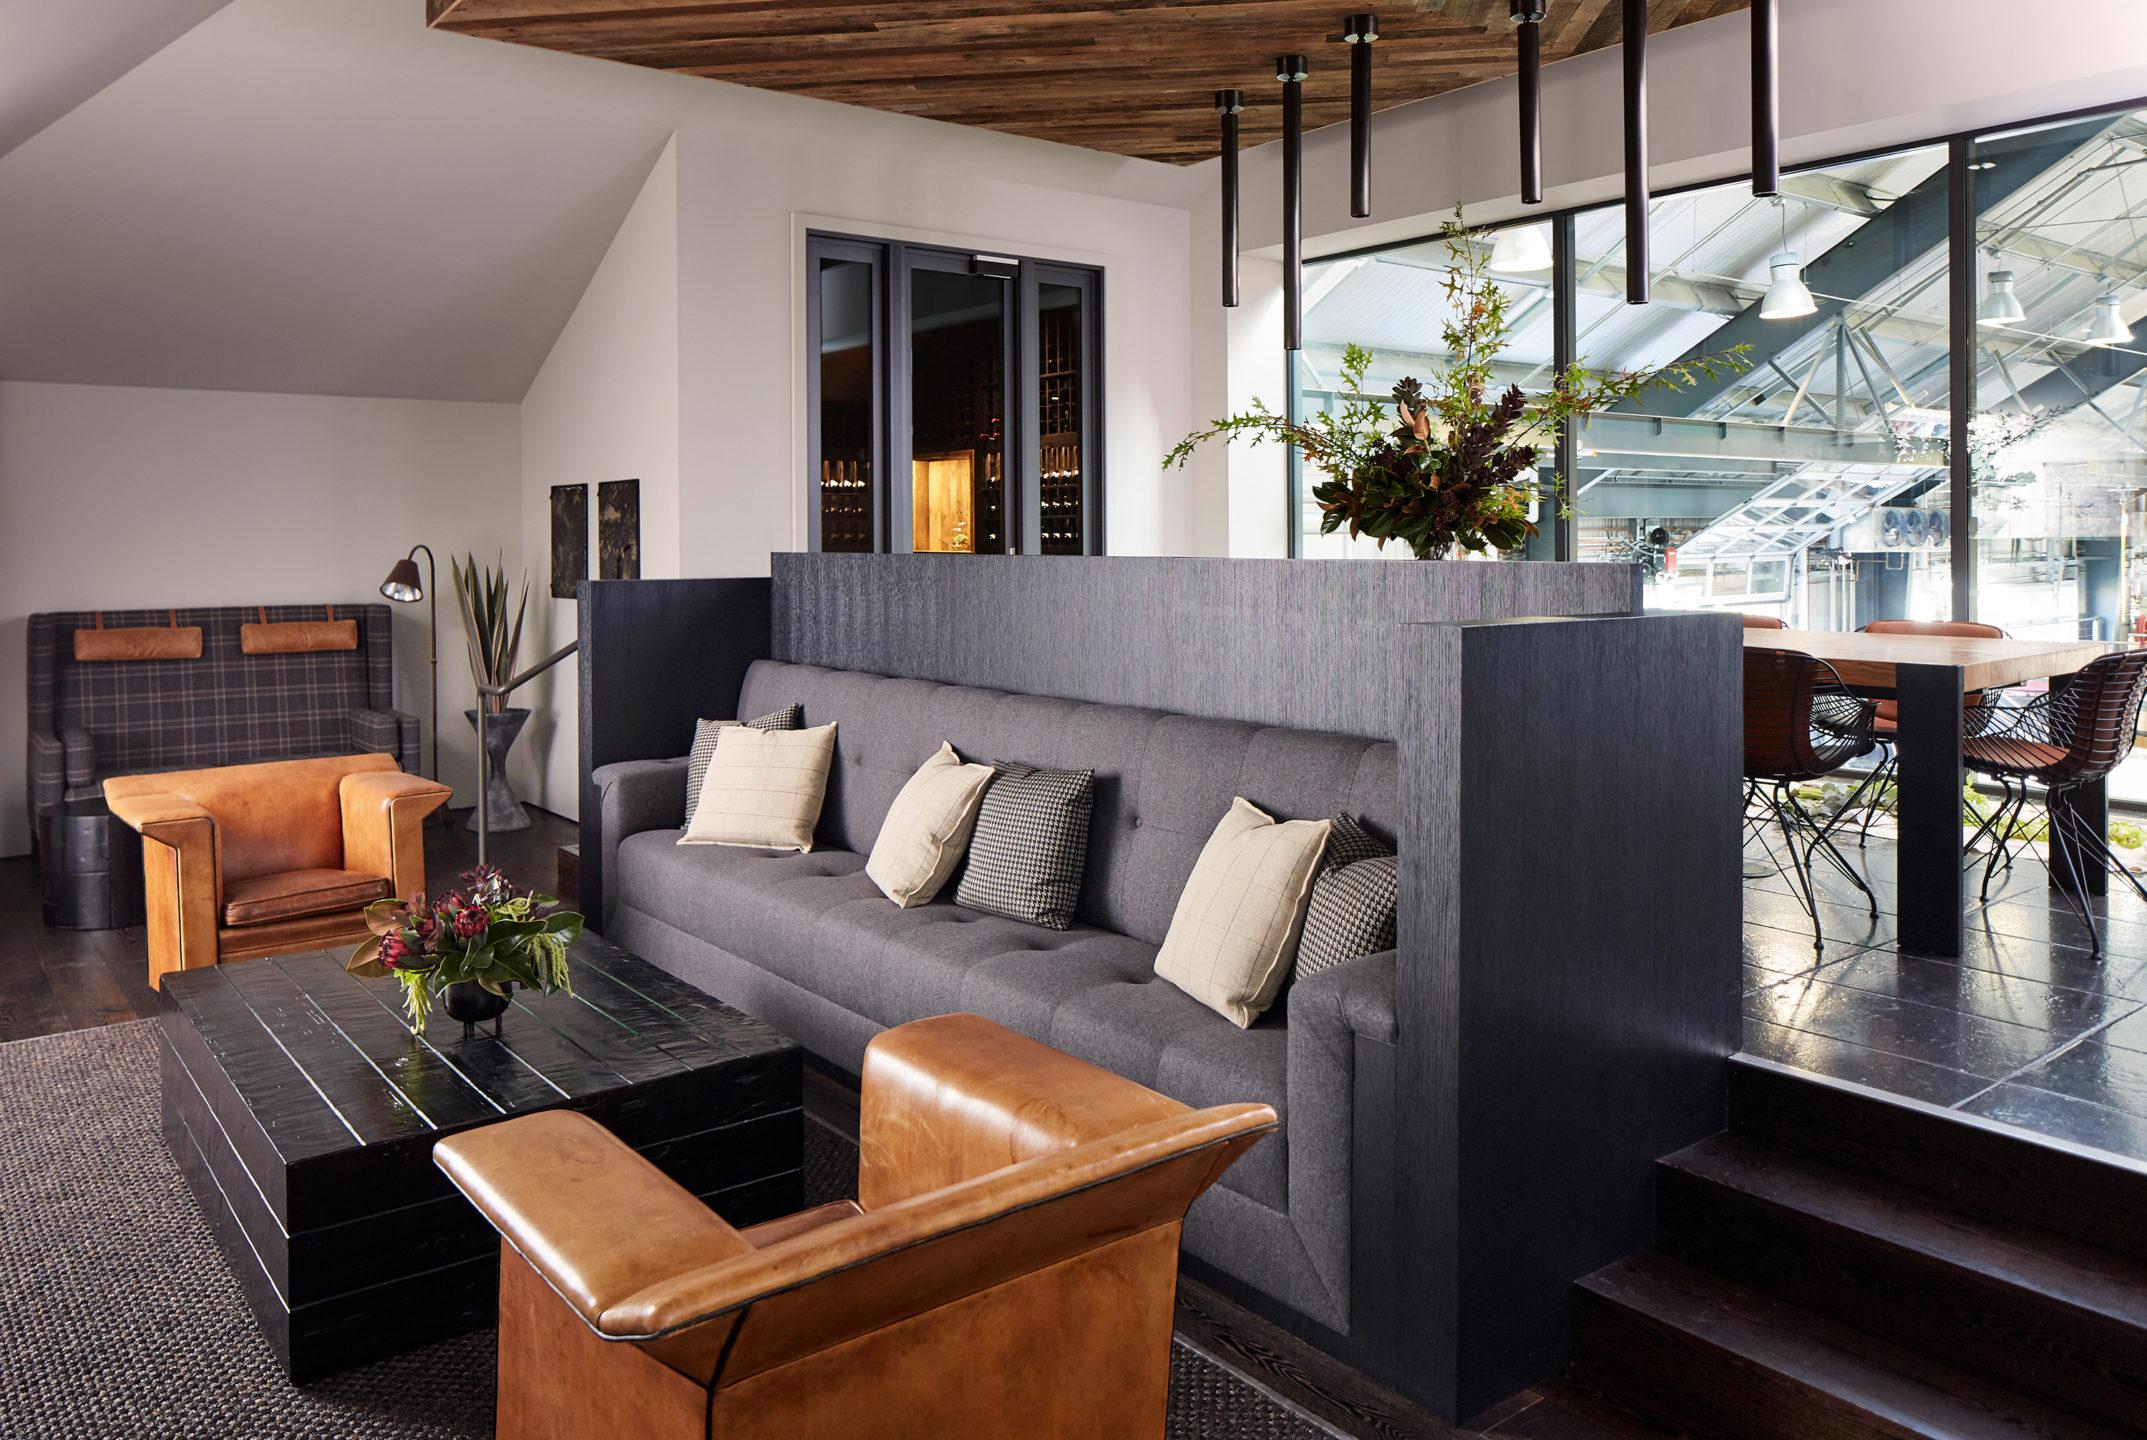 Jennifer_robins_interiors_projects_kosta_browne_winery_5KostaBrowne.LWD.JRI_017Rev_living_room_LR